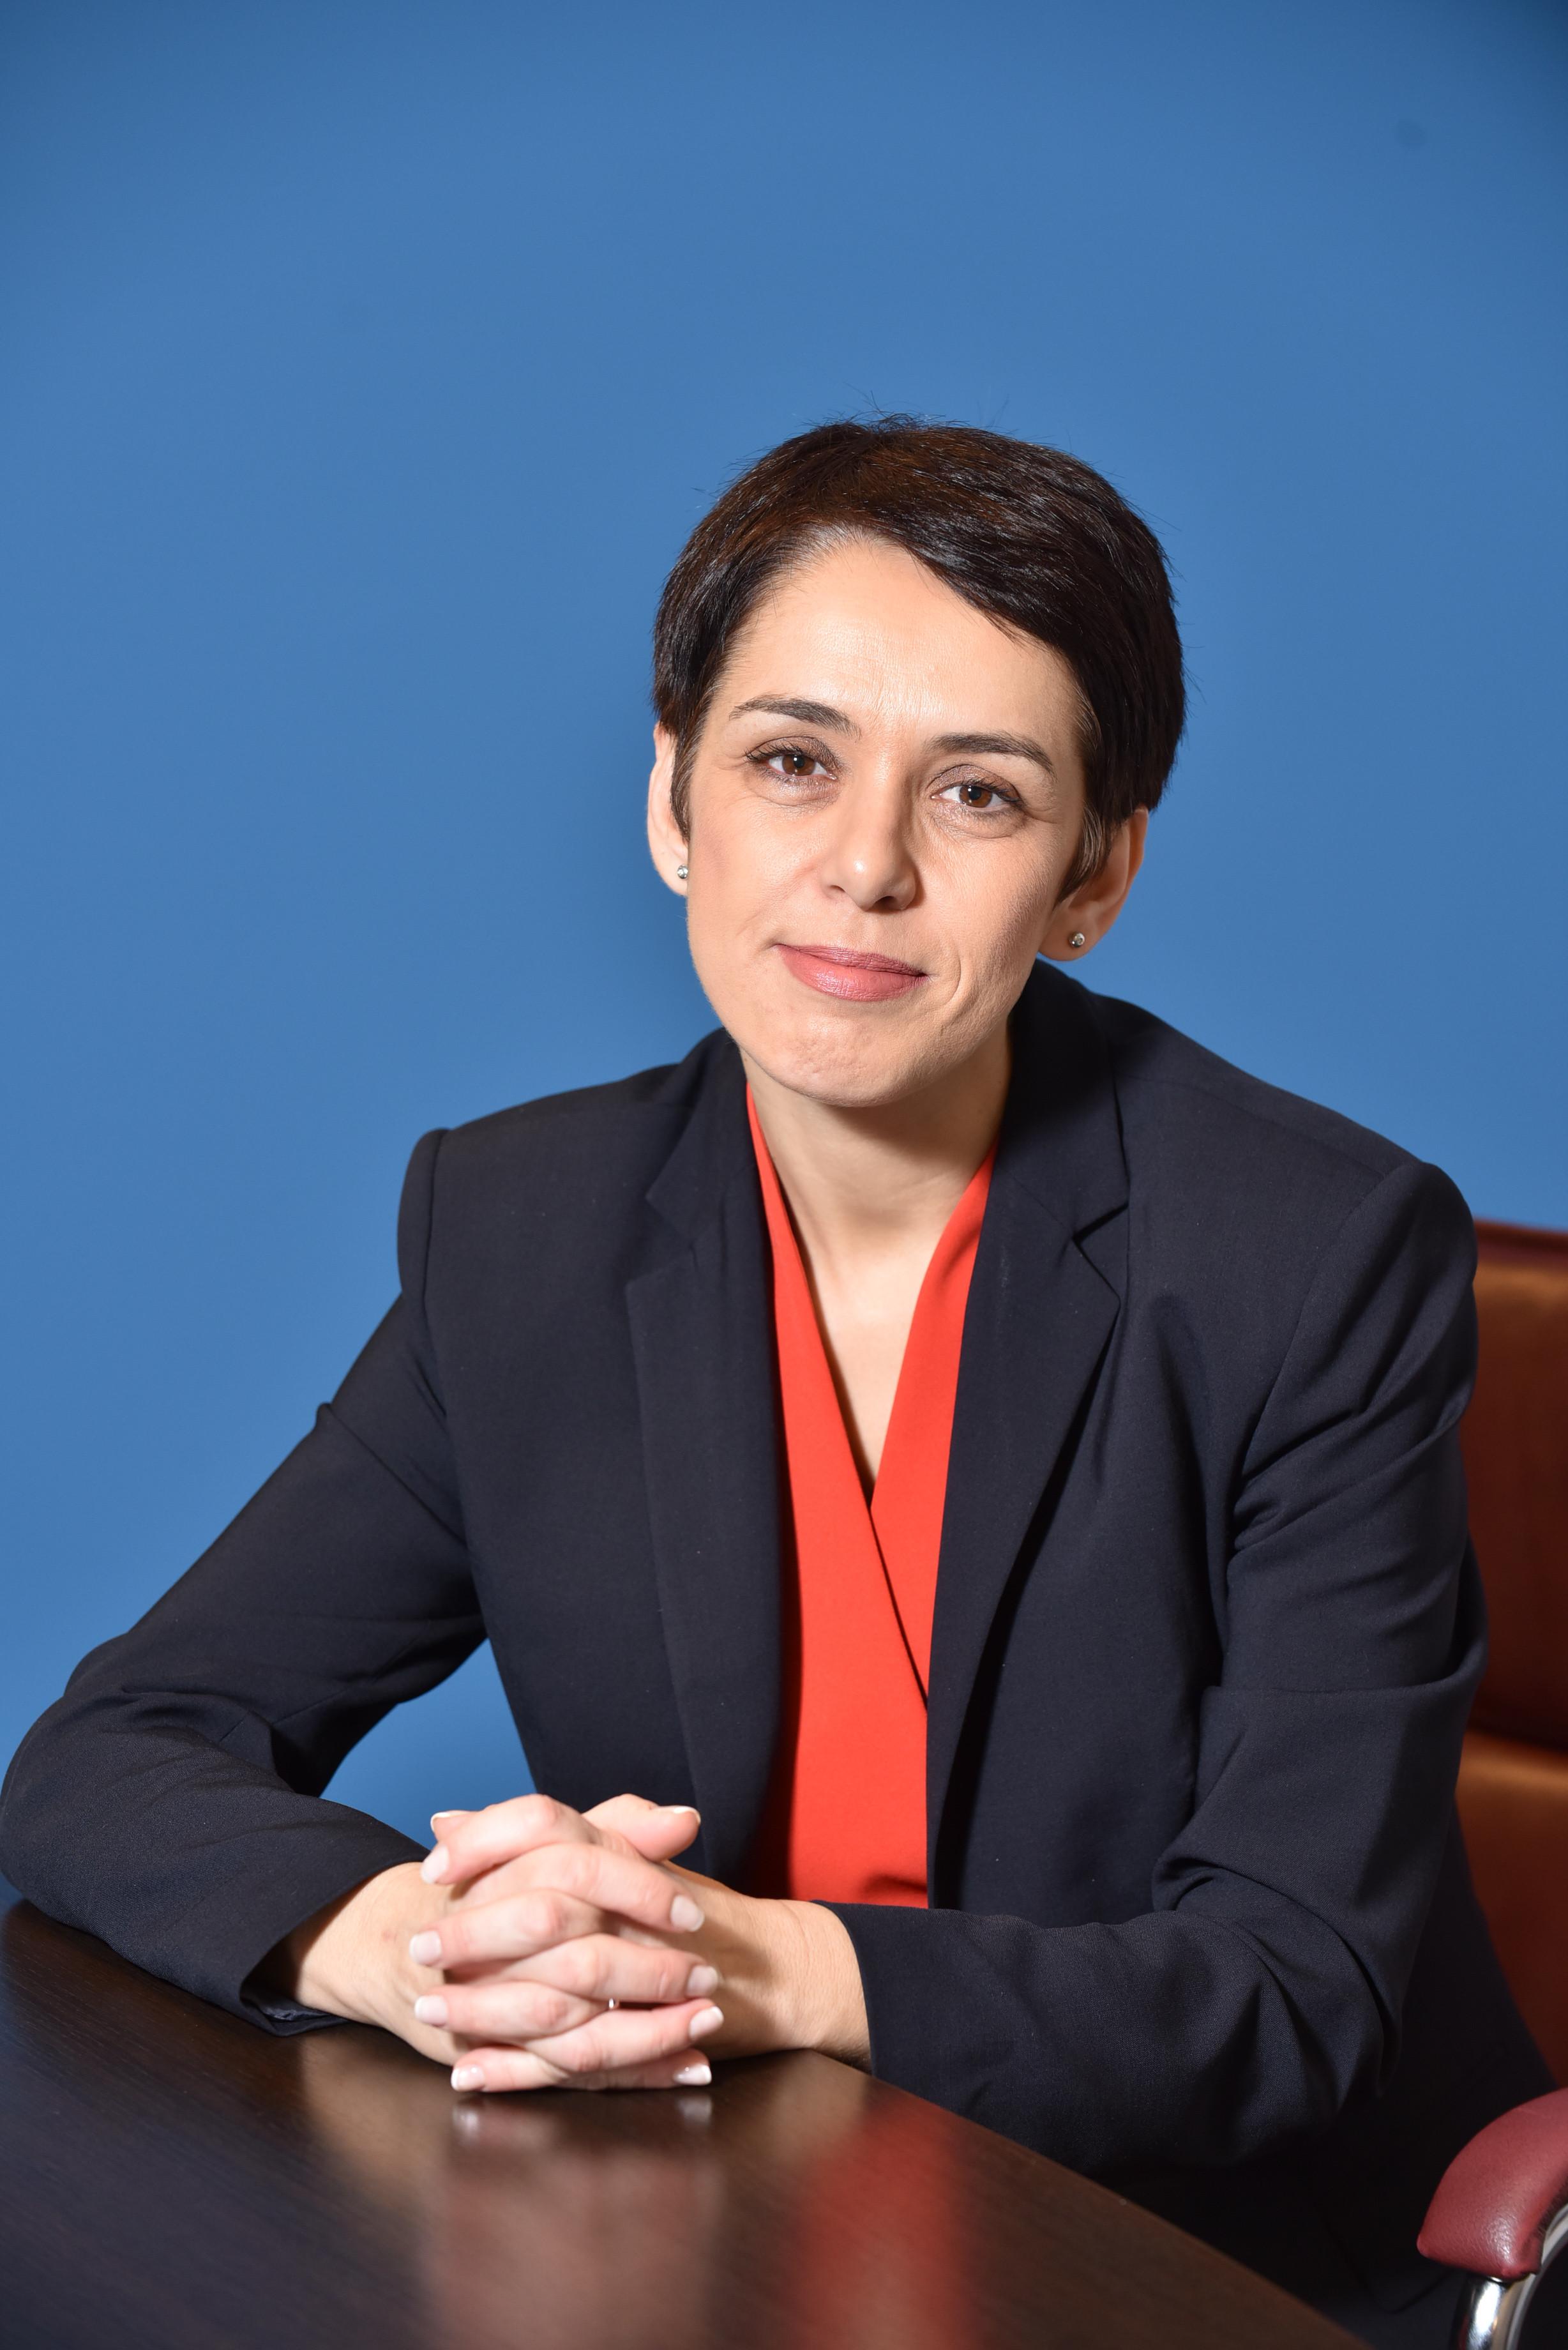 Premieră în România: Patria Credit IFN accesează un împrumut subordonat pe 10 ani de la Fondul European de Investiții (FEI) pentru susținerea creșterii afacerii